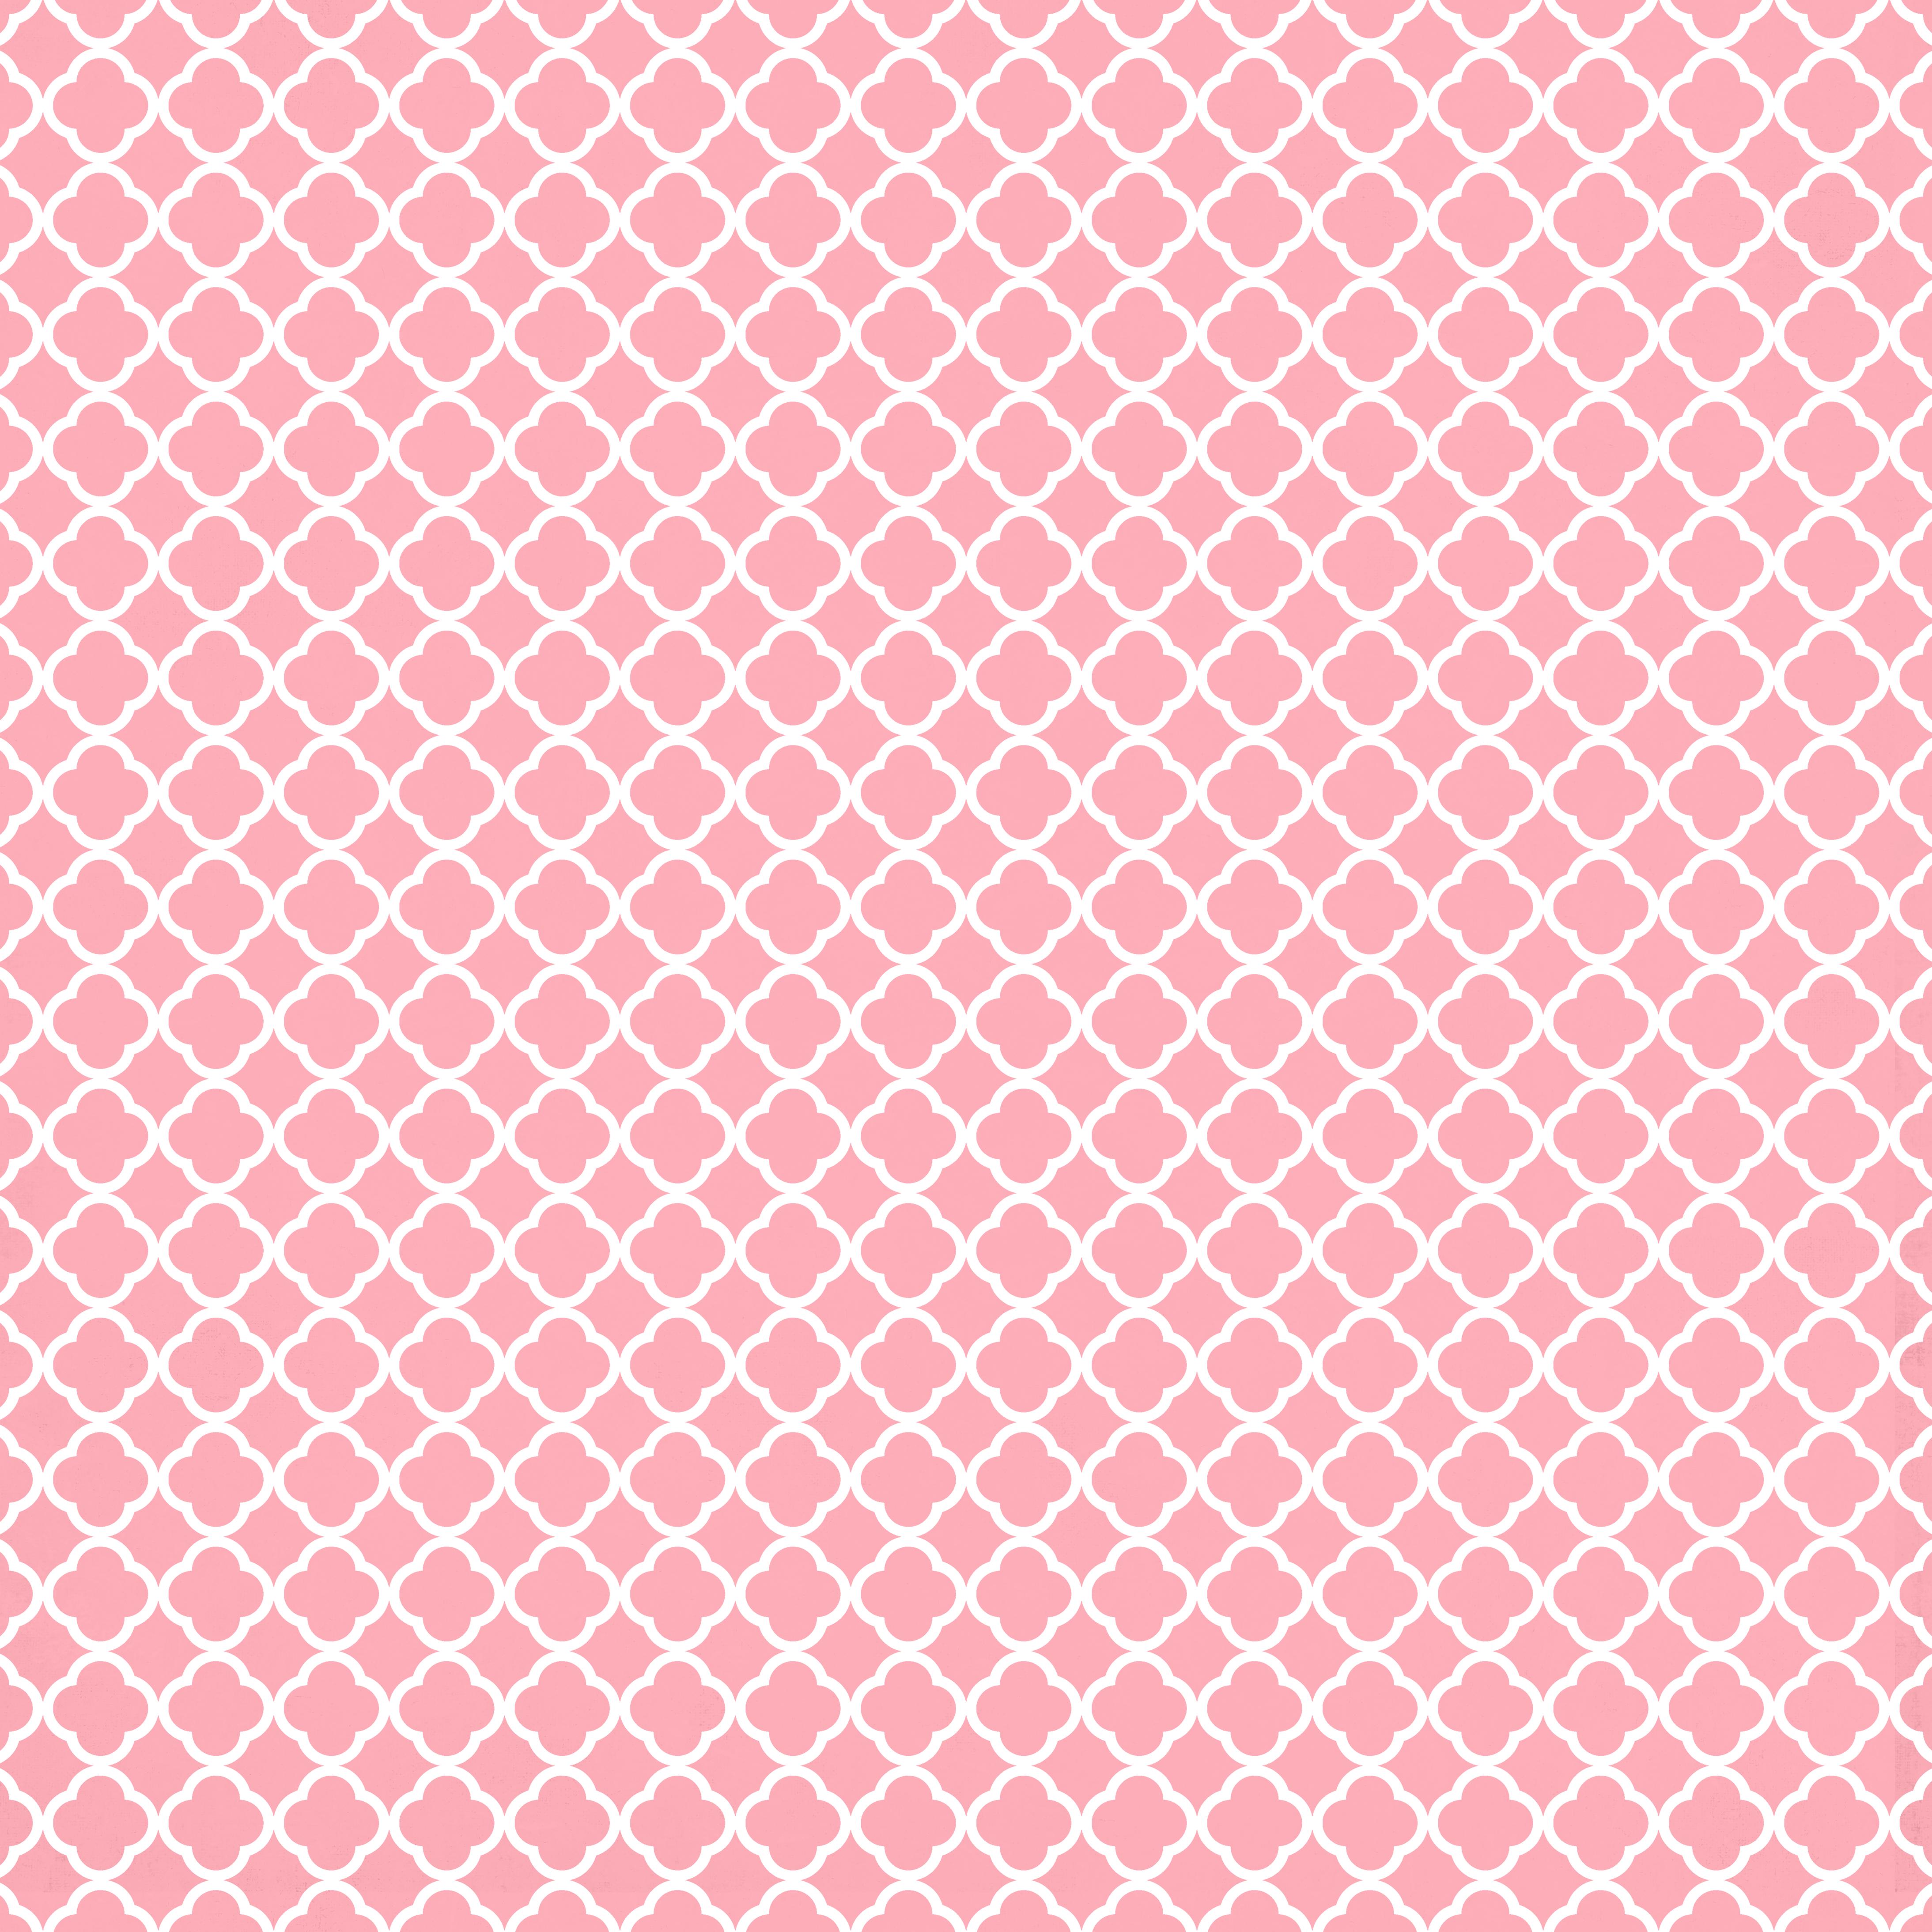 Quatrefoil Desktop Background